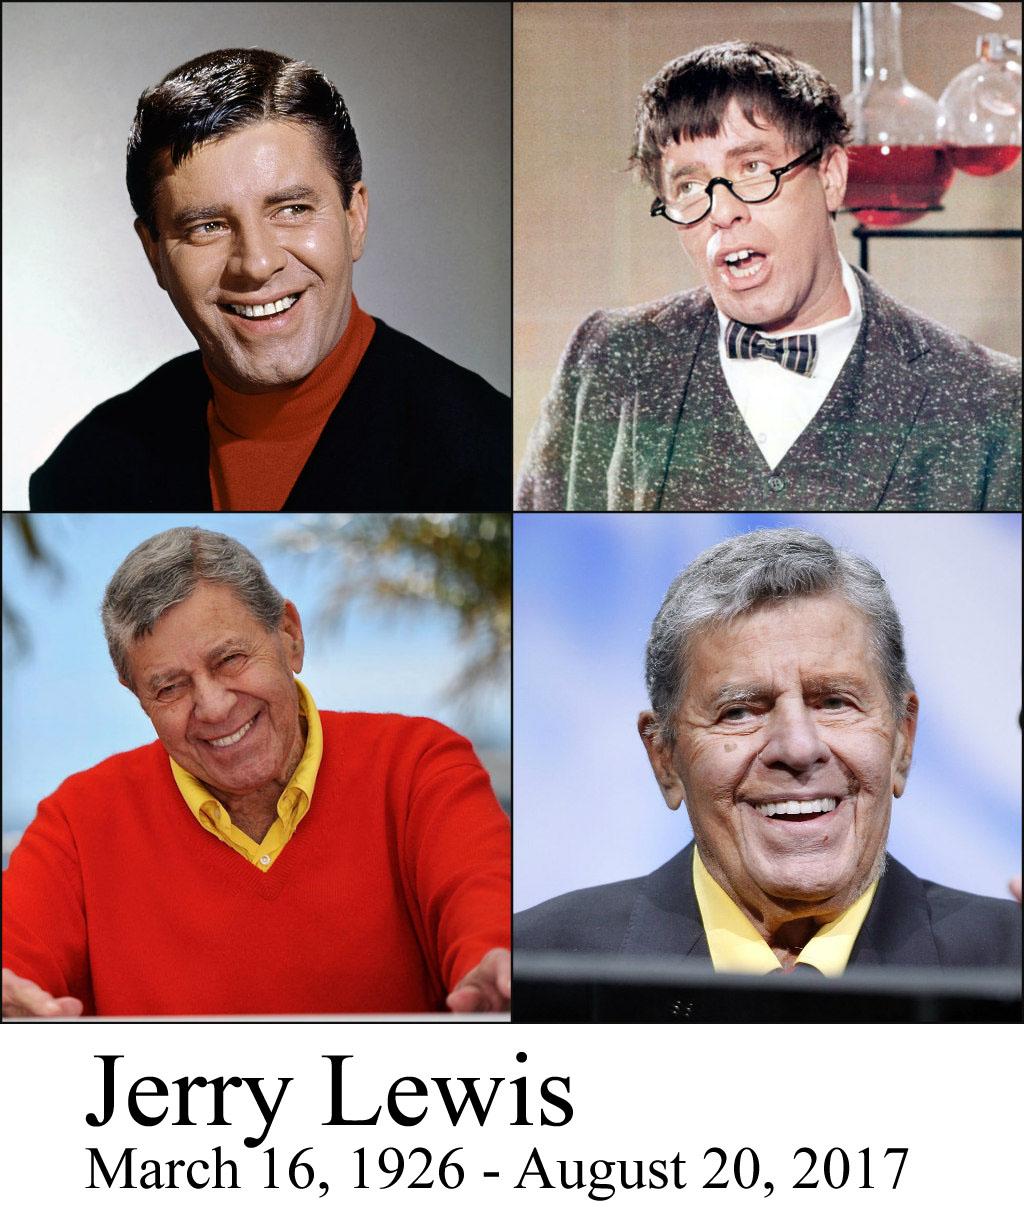 JerryLewis